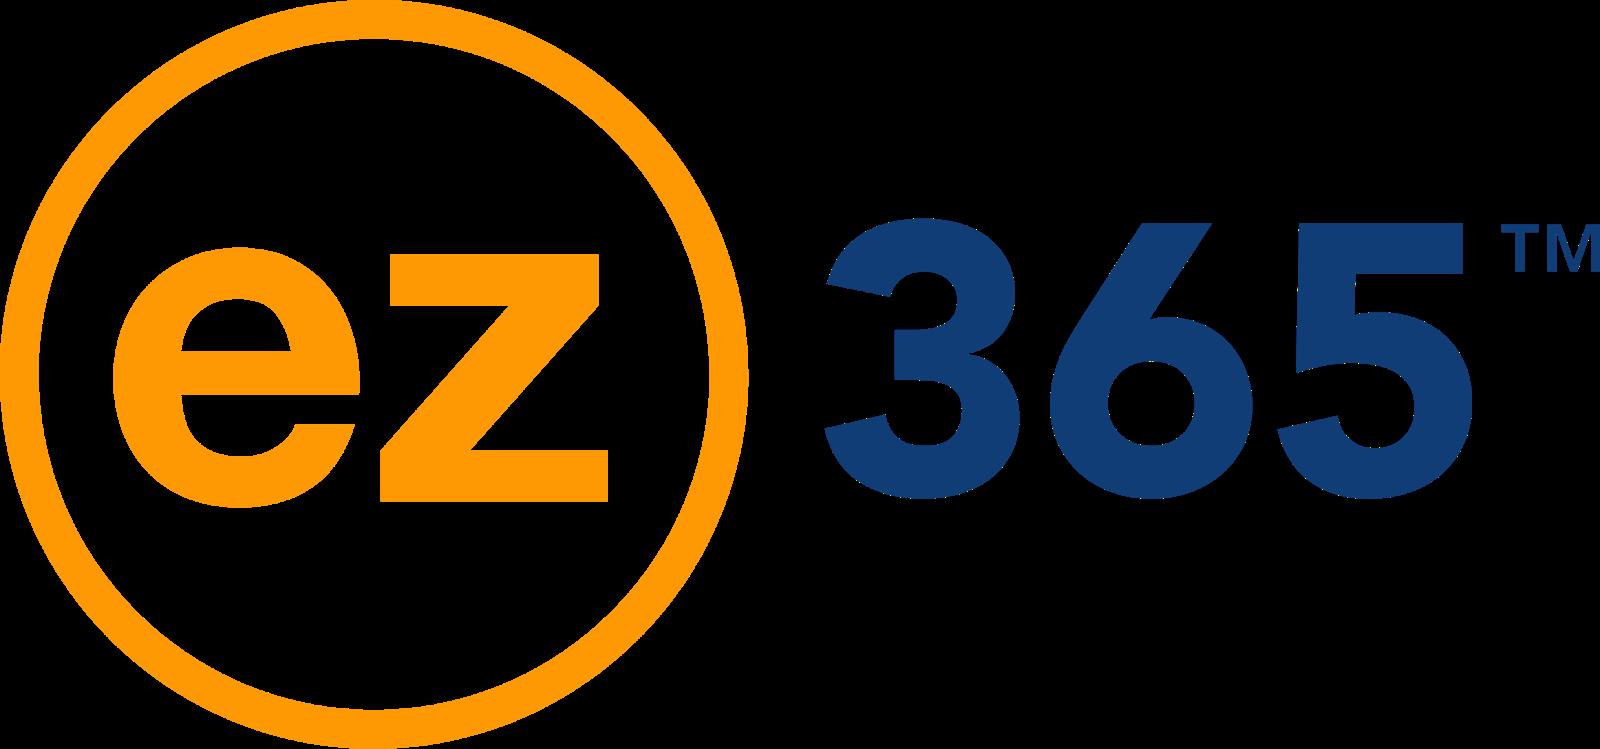 EZ365_logo1